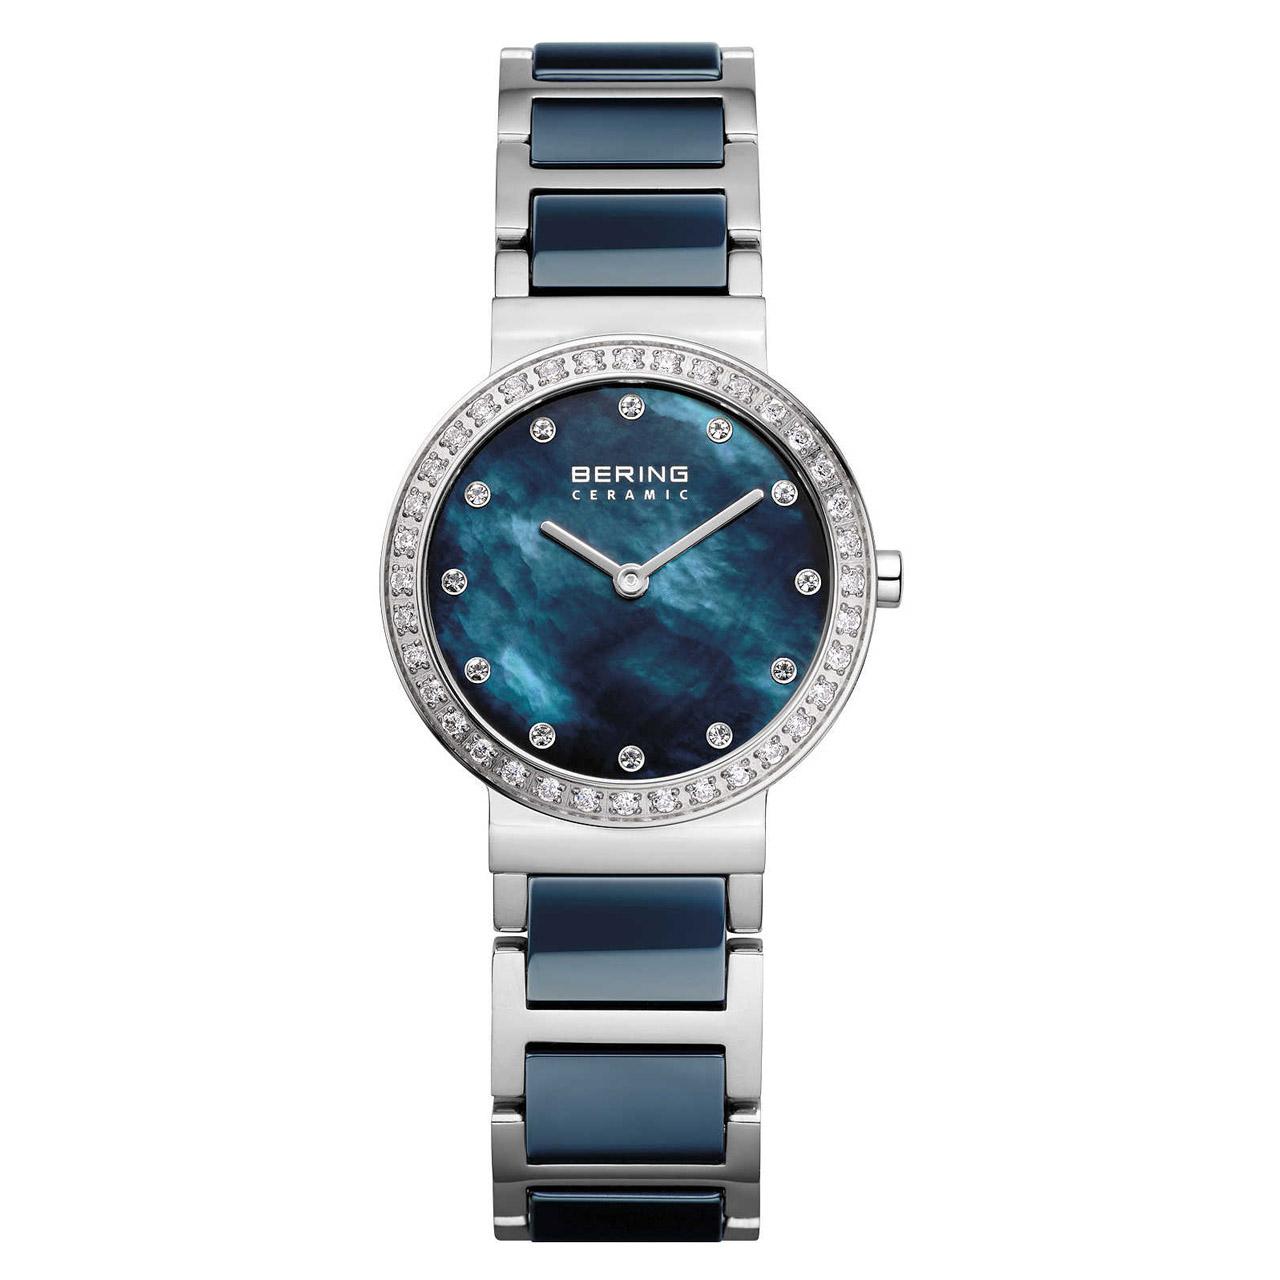 ساعت مچی عقربه ای زنانه برینگ مدل b10729-707 19